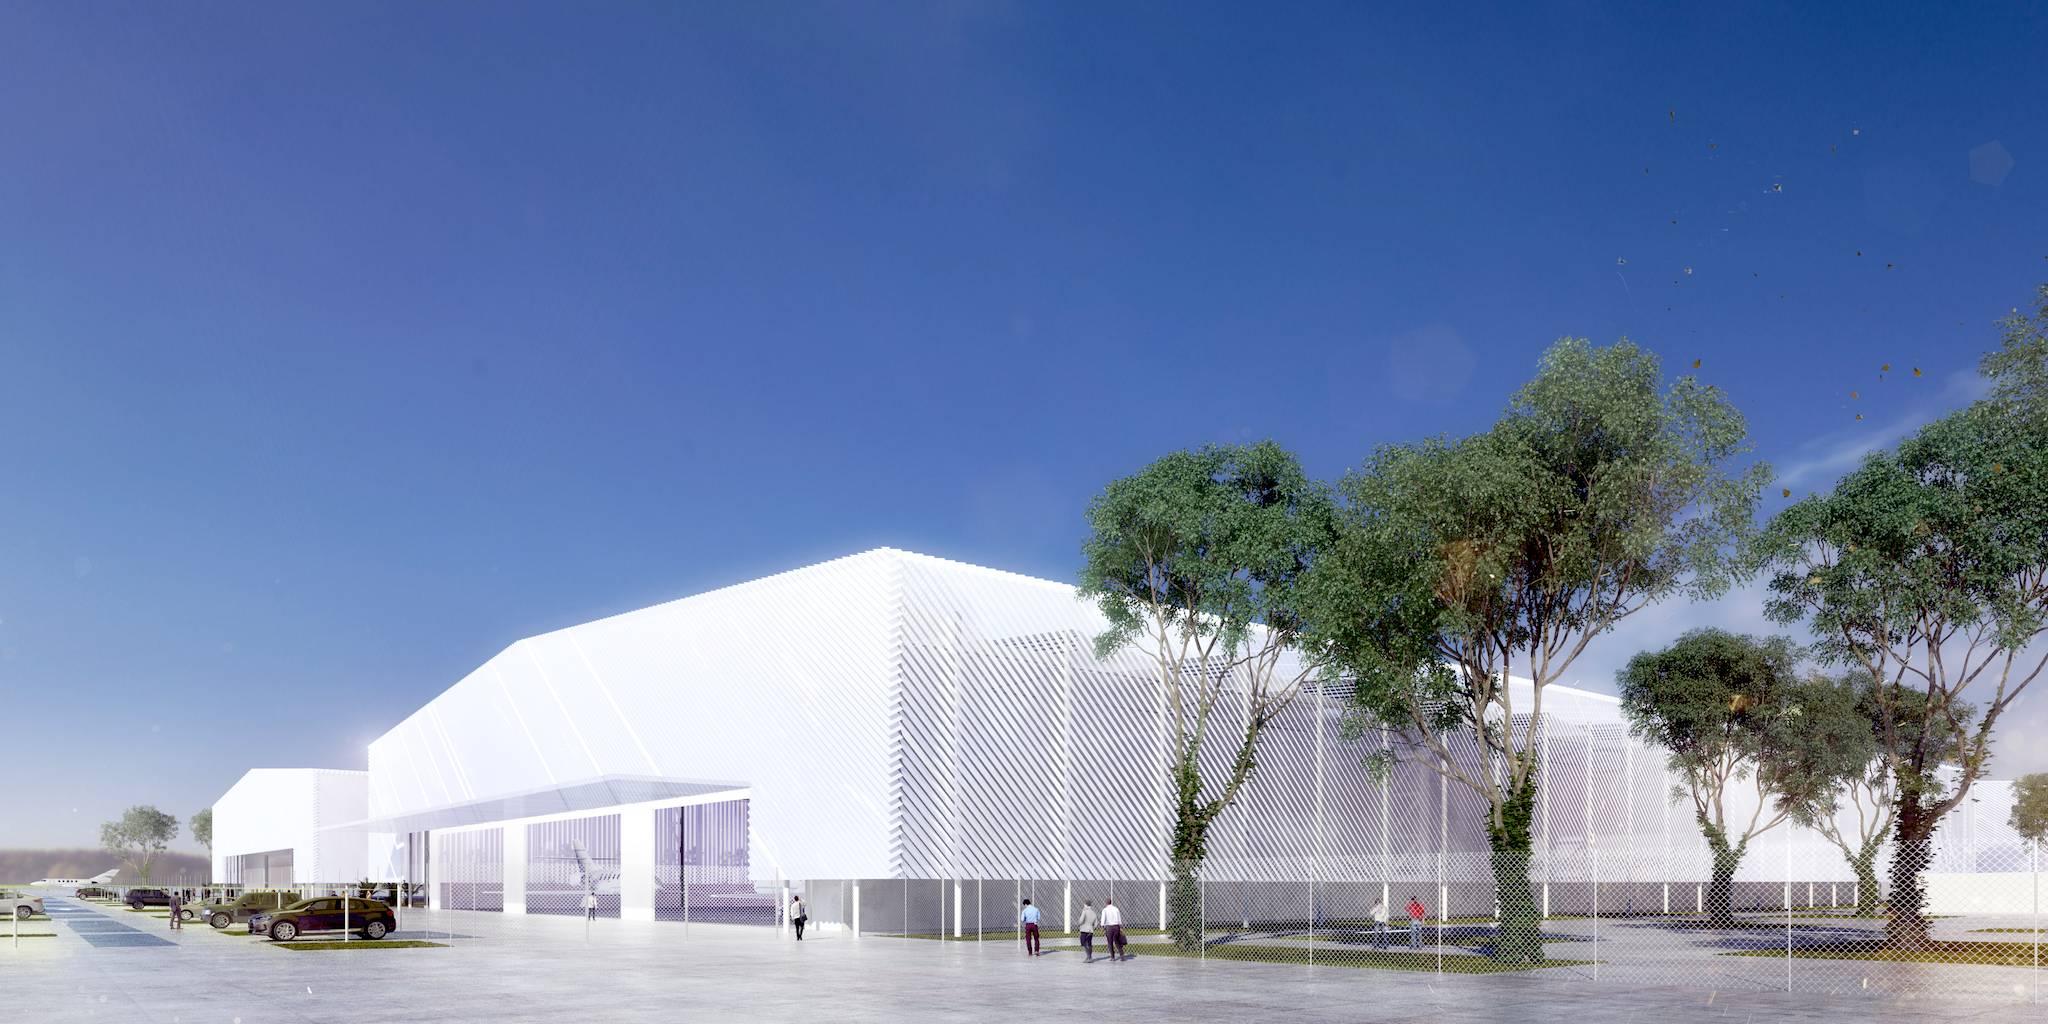 l'usine de fabrication de Dassault Reliance Aerospace Limited [DRAL] sur le site de Mihan